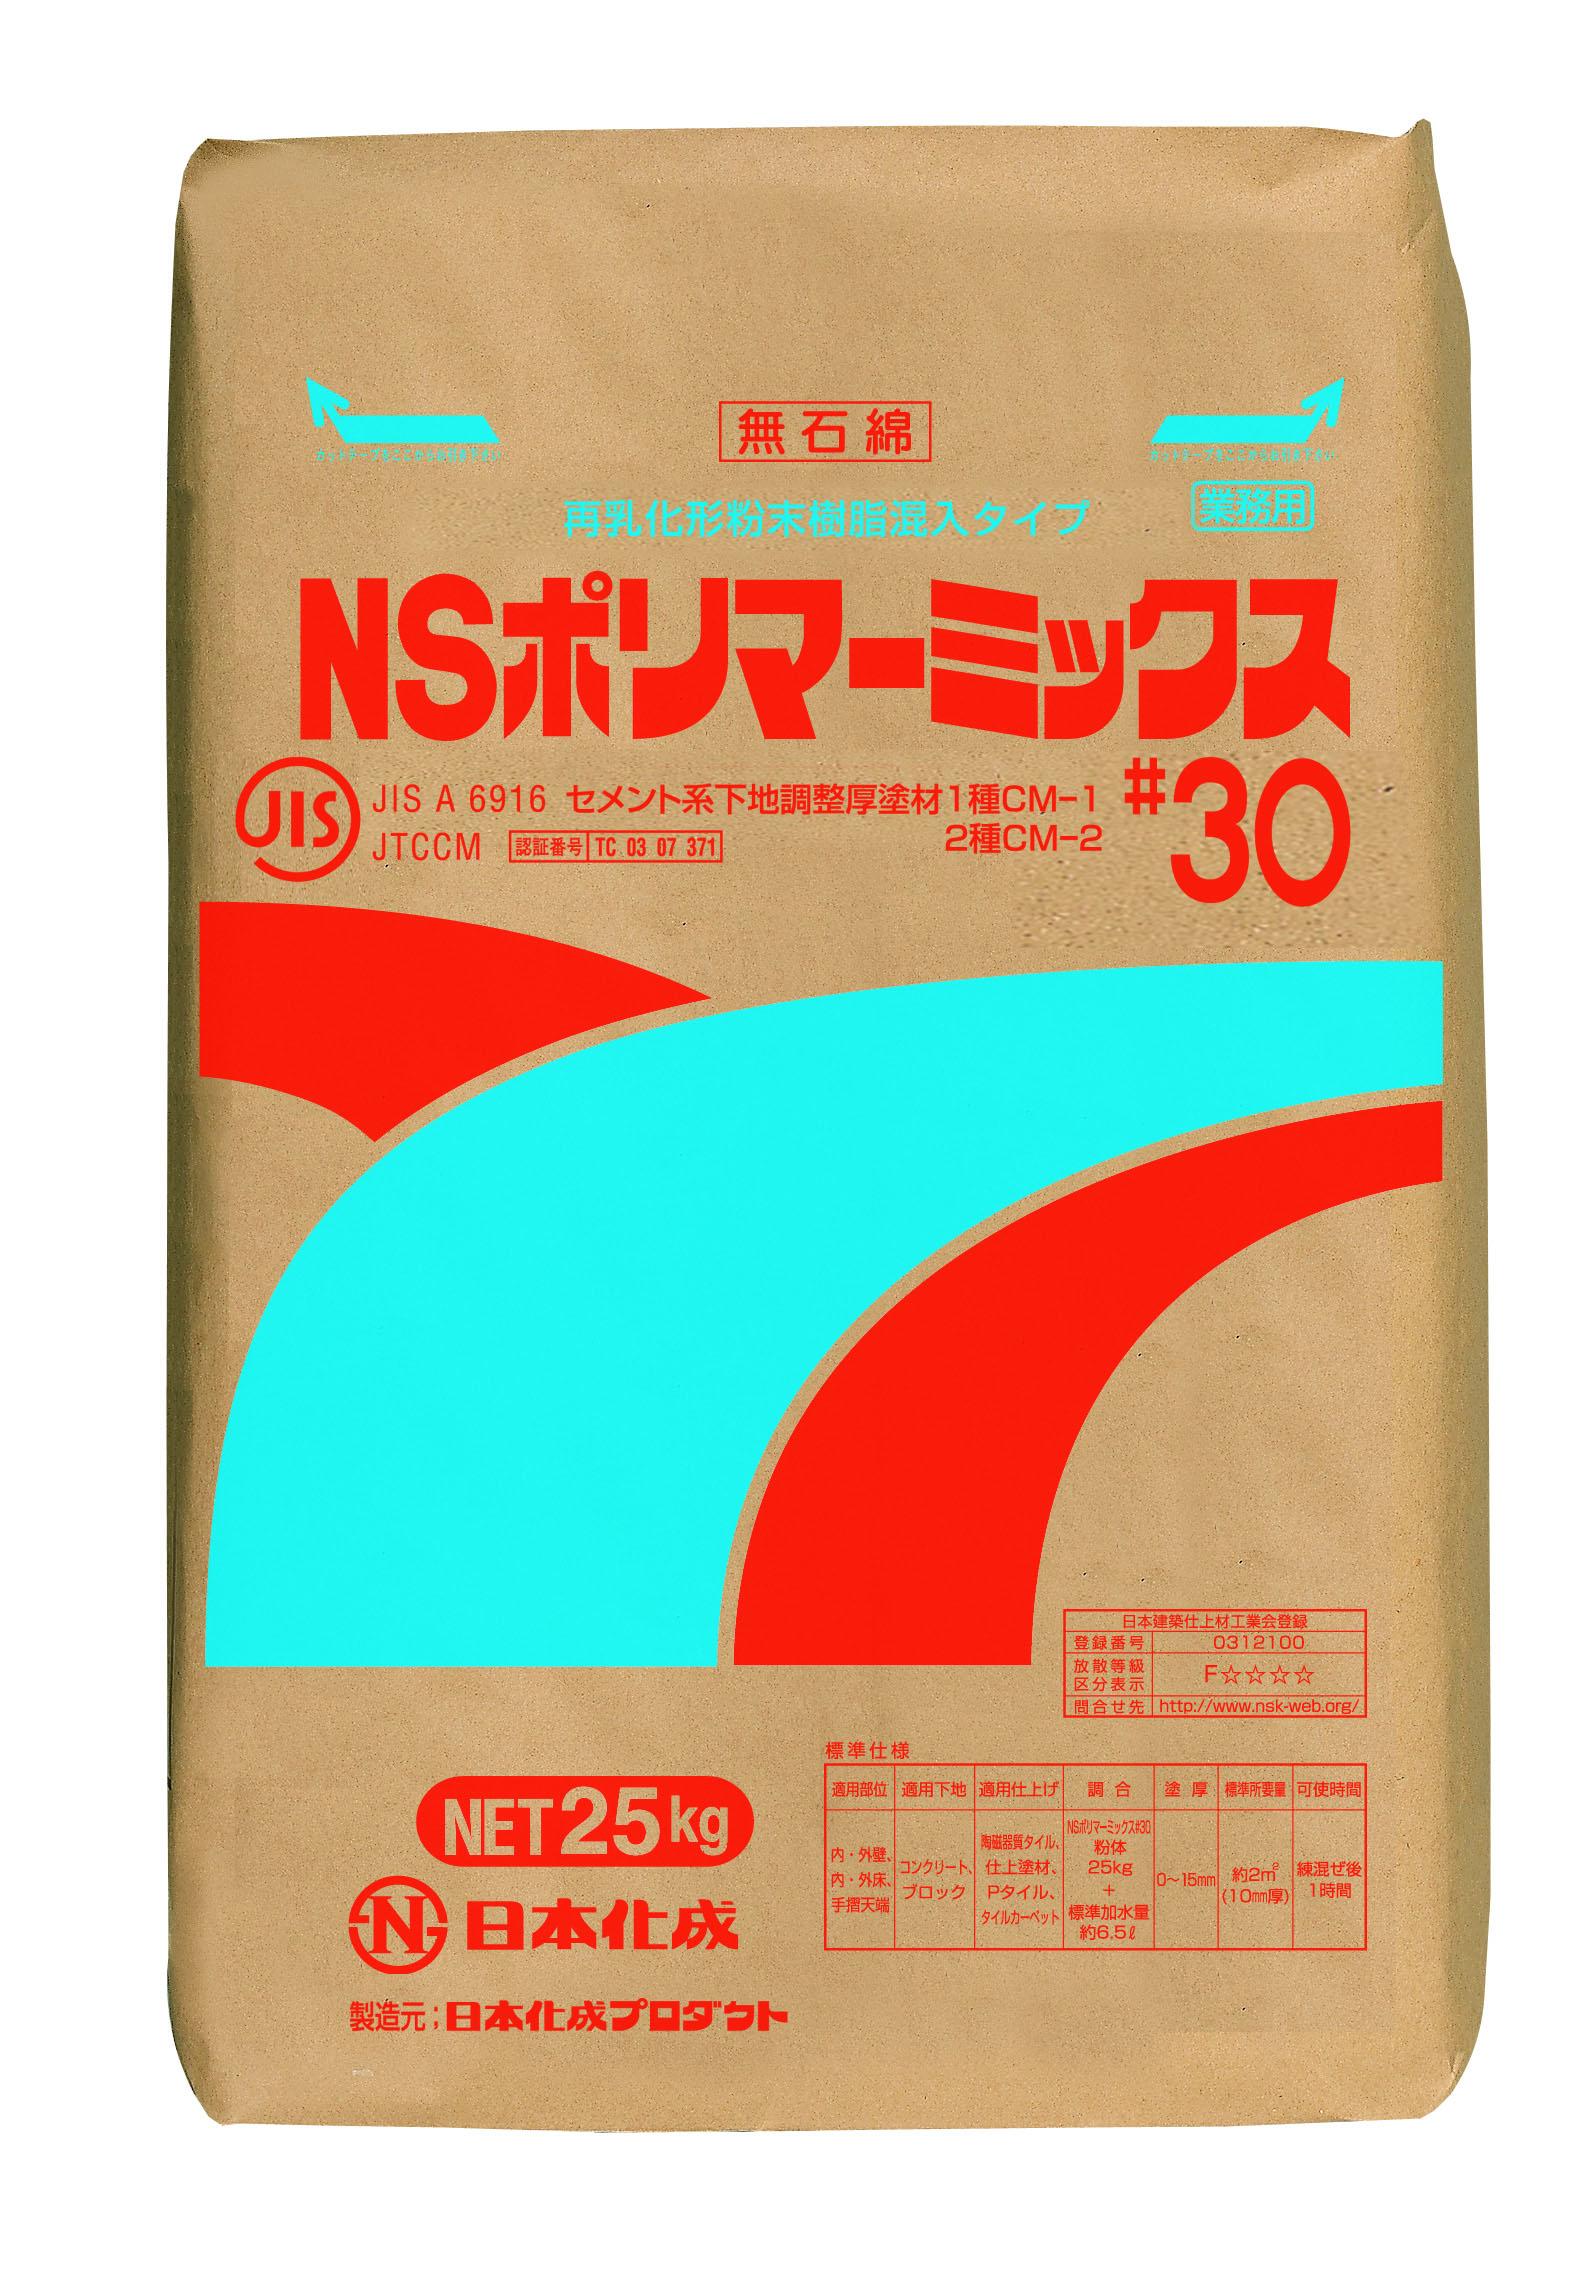 トピックス|日本化成株式会社